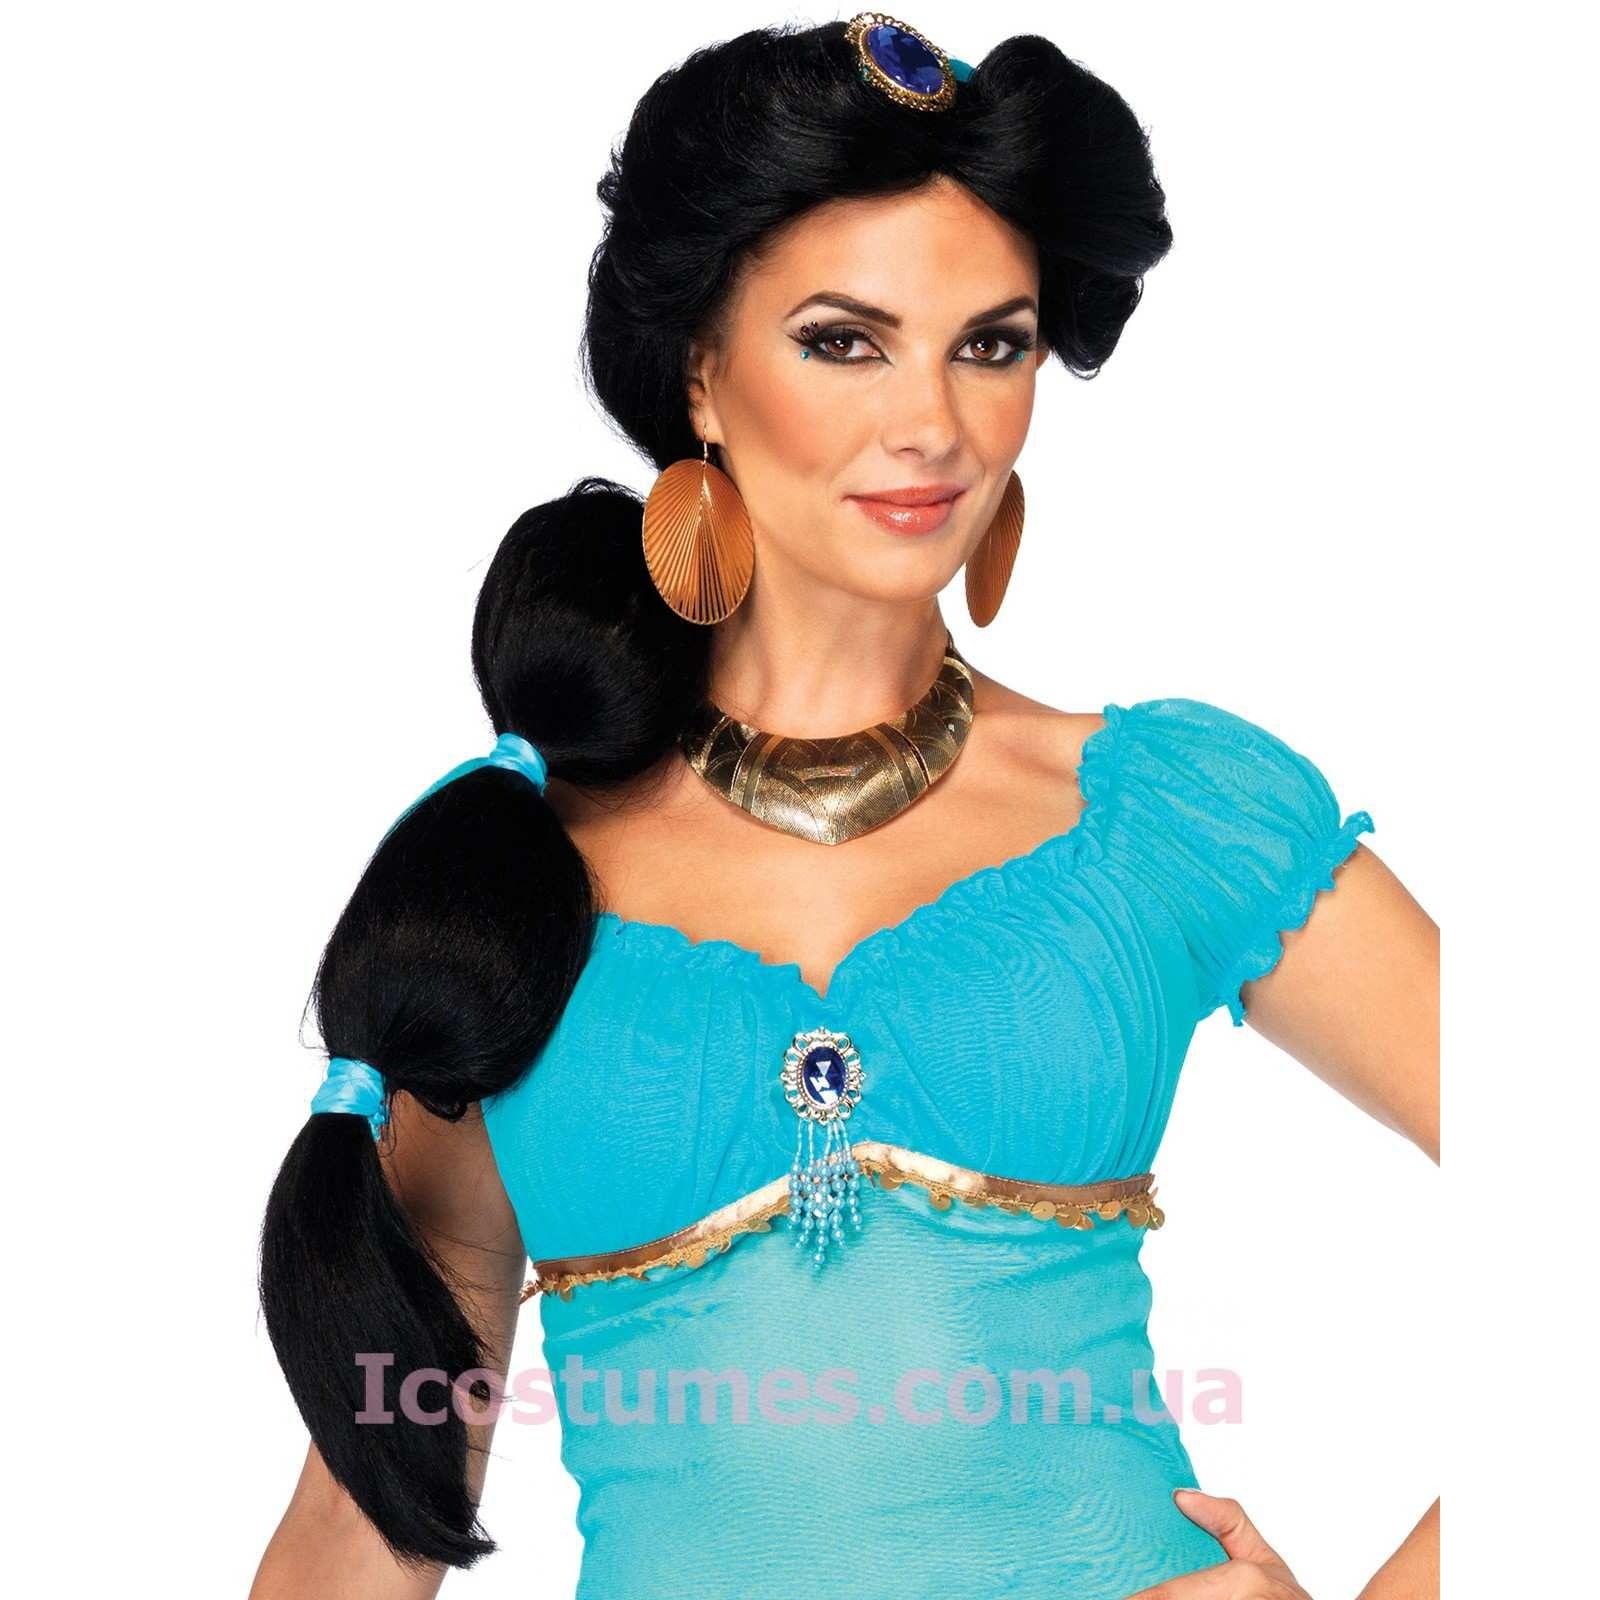 Un Disfraz Muy Bonito Es El De Jazmin De Aladin Chicas